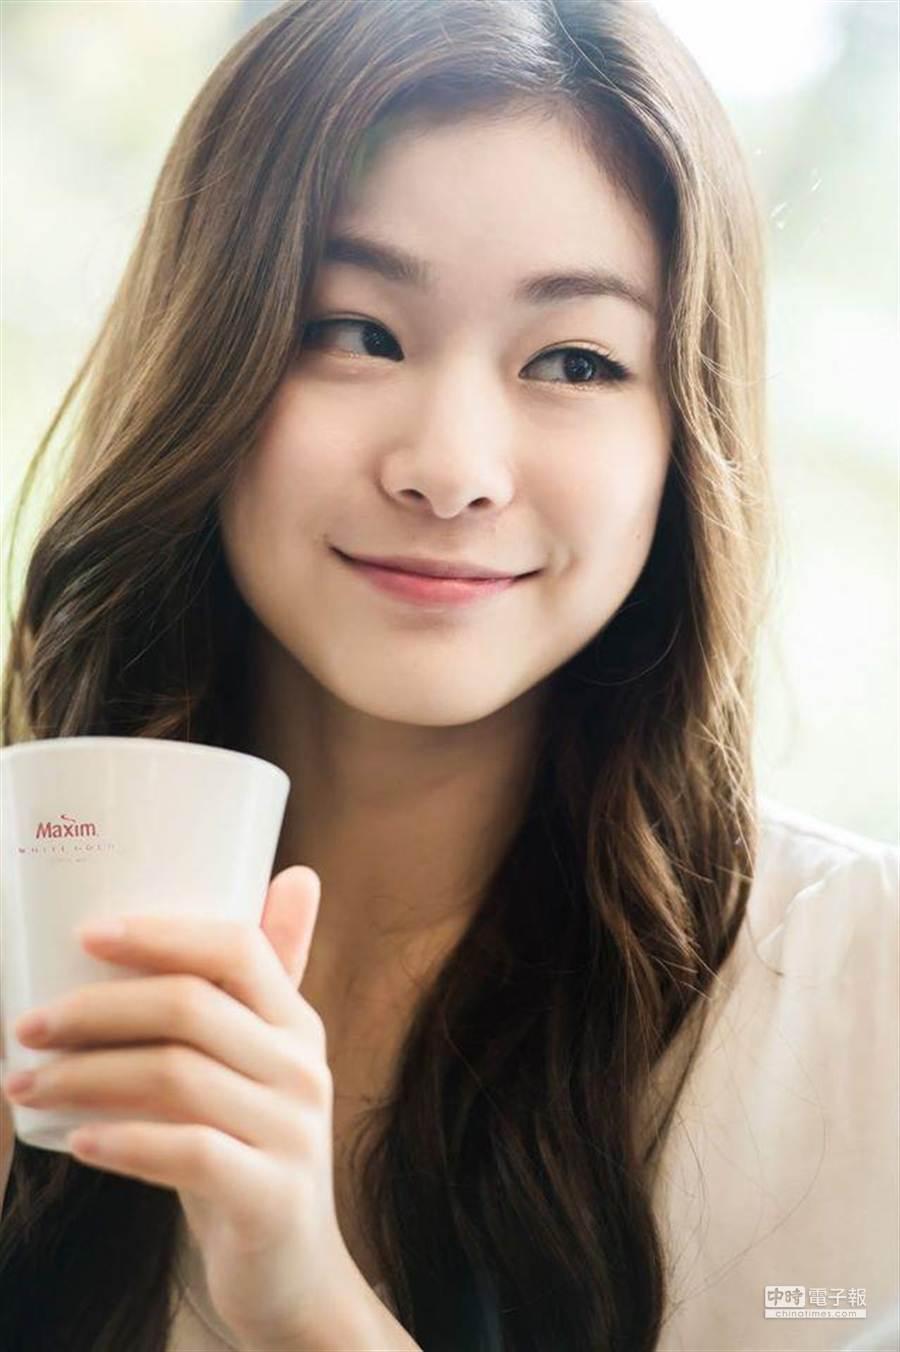 金妍兒是南韓滑冰選手,她陽光健康形象深受不少觀眾喜愛。(圖/取自金妍兒臉書)